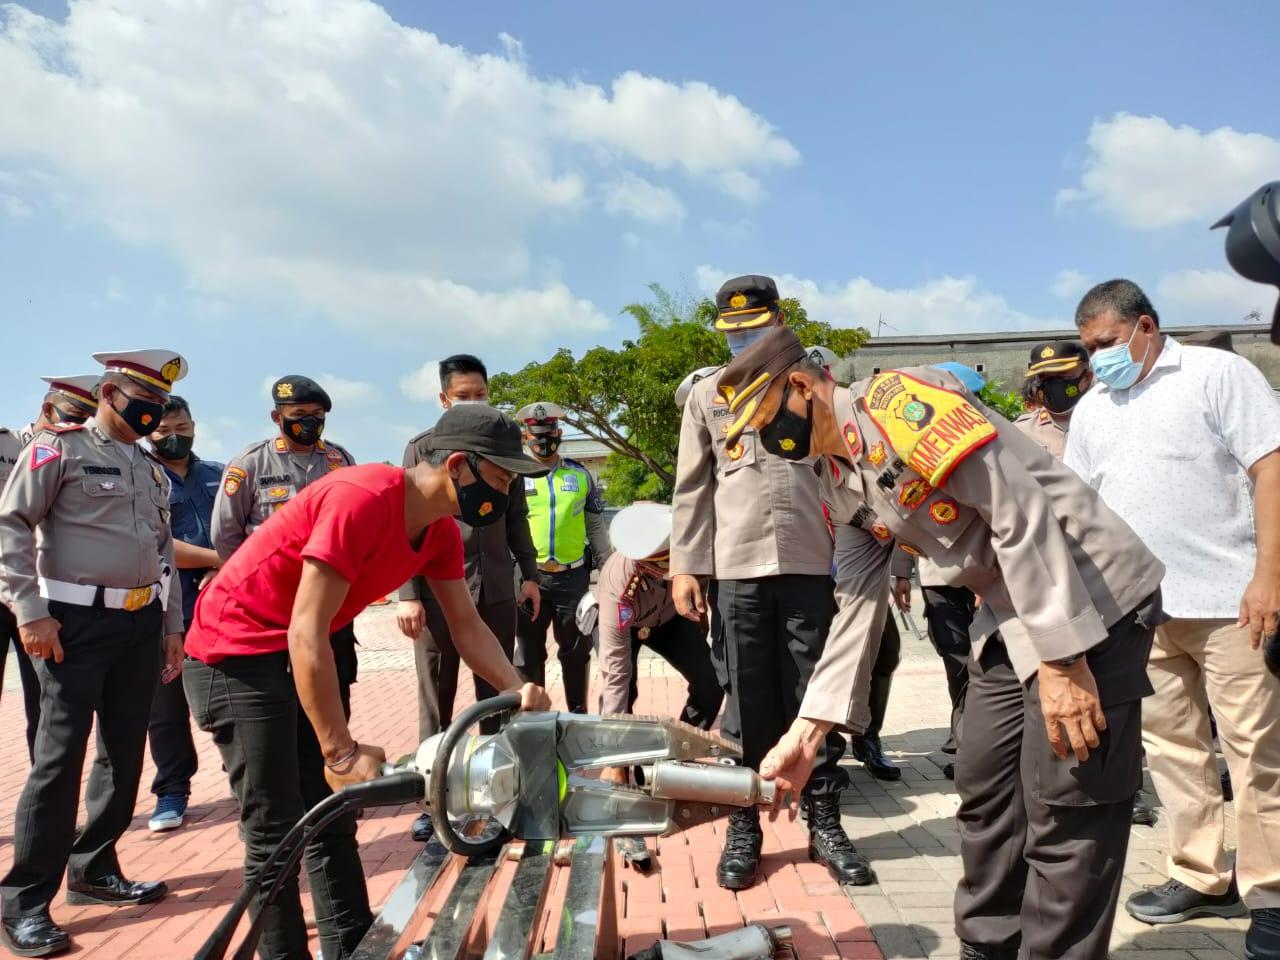 Satlantas Polres Metro Bekasi memusnahkan 25 knalpot racing hasil dari razia dari beberapa jalan di Kabupaten Bekasi, kegiatan tersbut dihadiri Wakapolres Metro Bekasi dan Komunitas Moge.